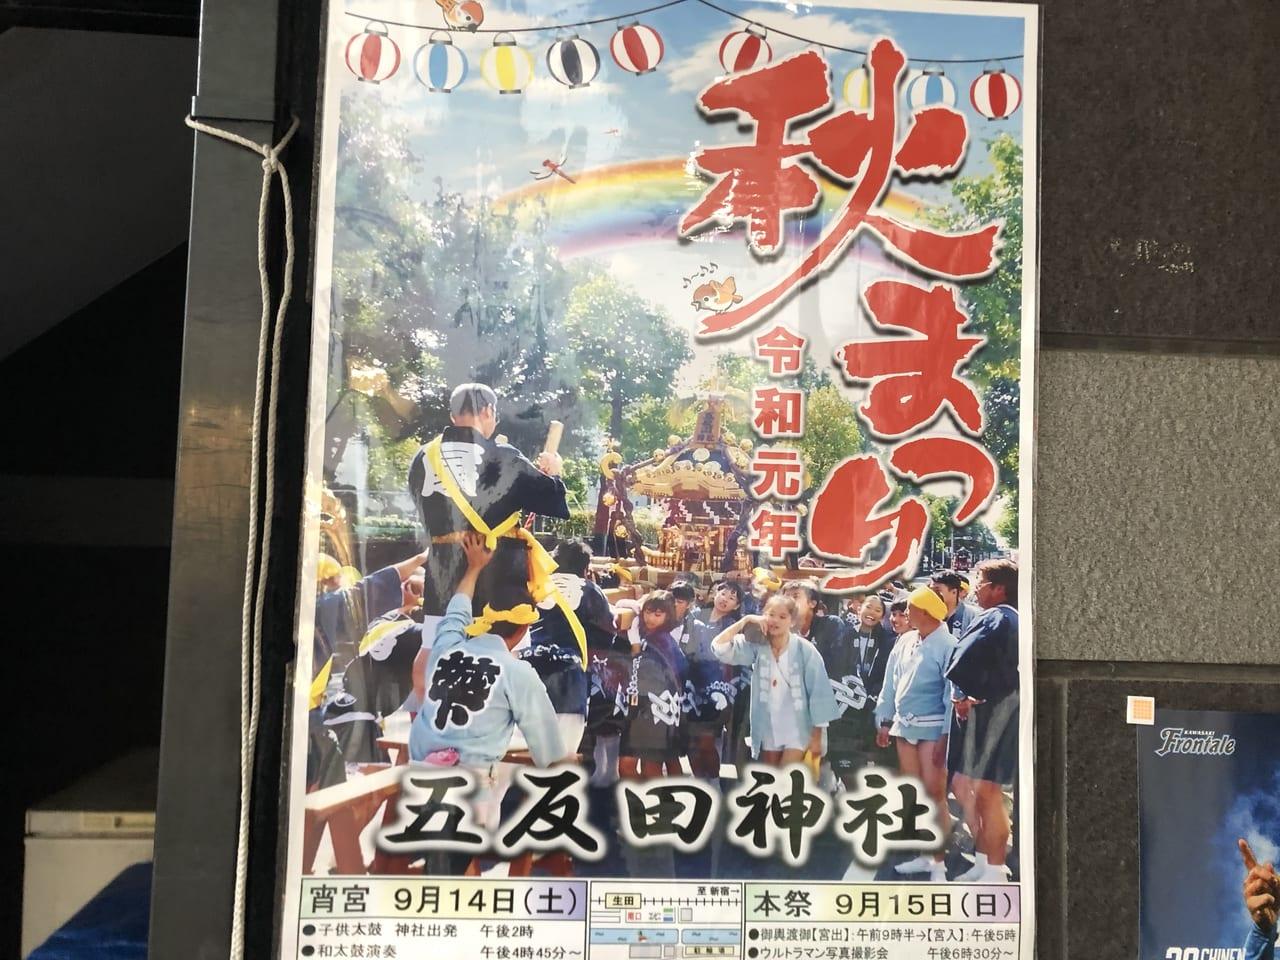 ビクトリー 富士宮 documents.openideo.com